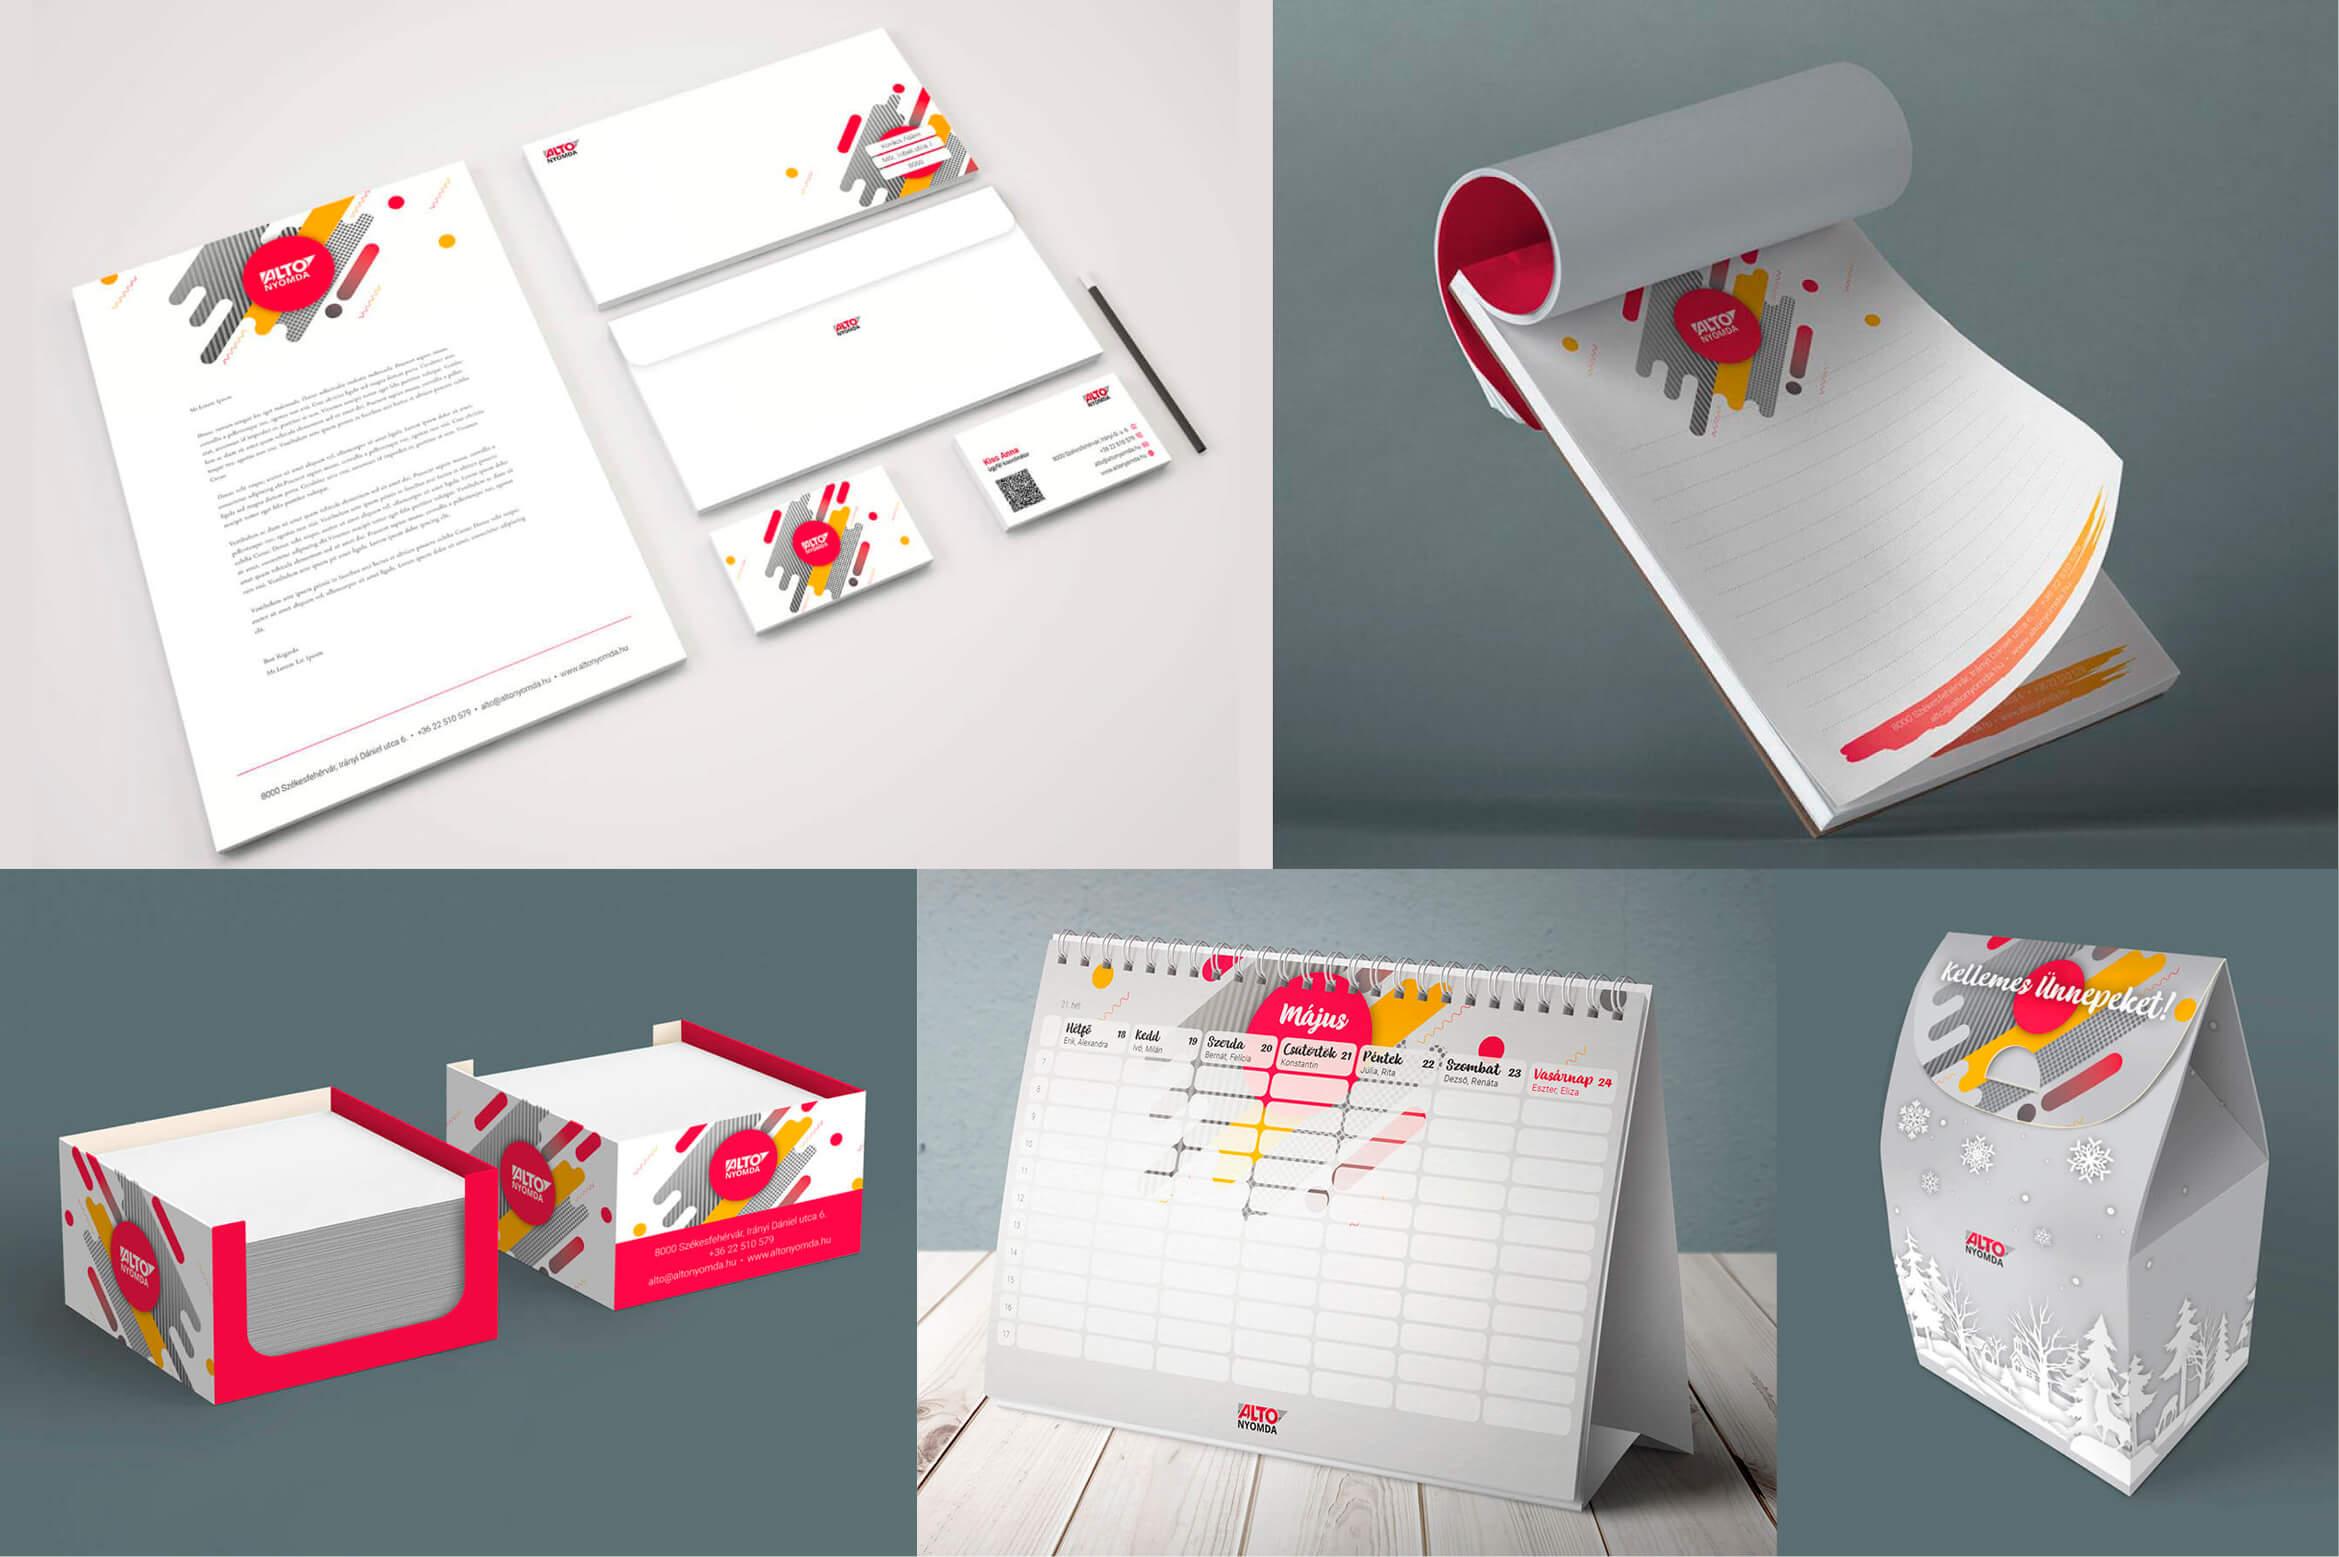 névjegykártya nyomtatás, tervezés